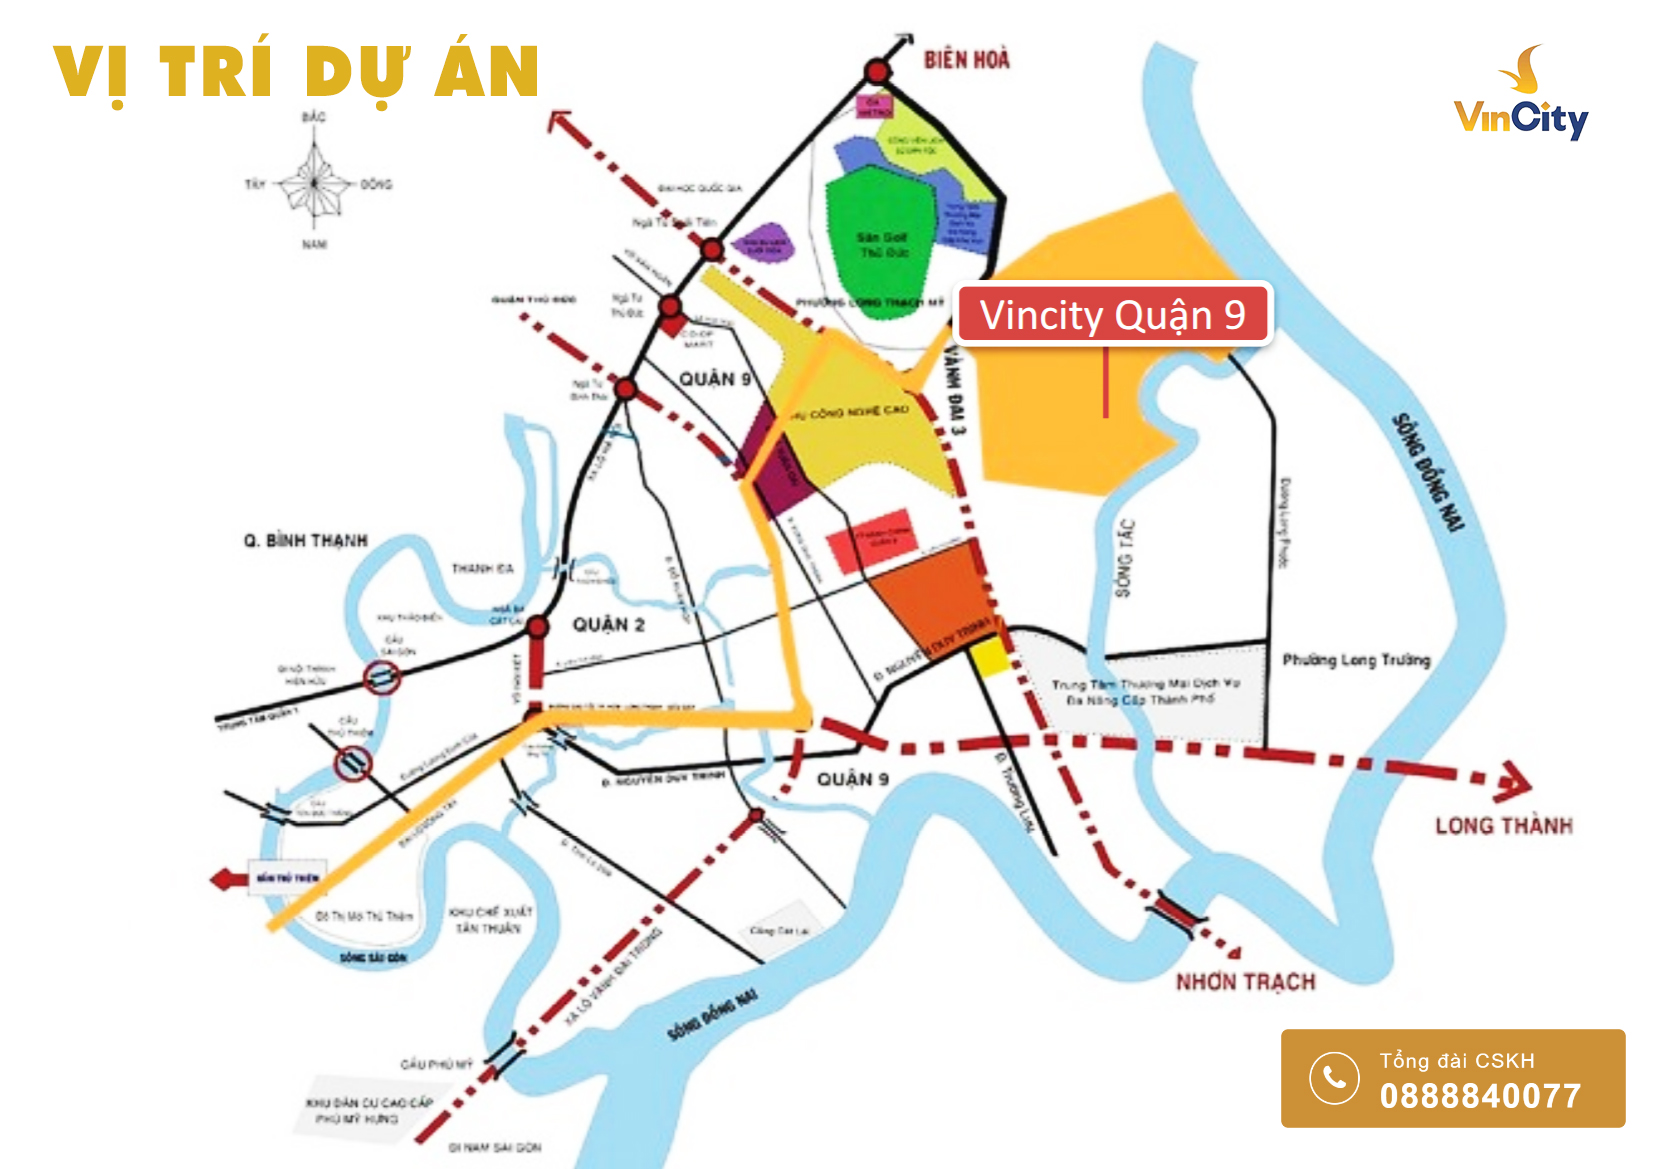 Vị trí dự án khu đô thị Vincity Quận 9 - Vincity New Sài Gòn